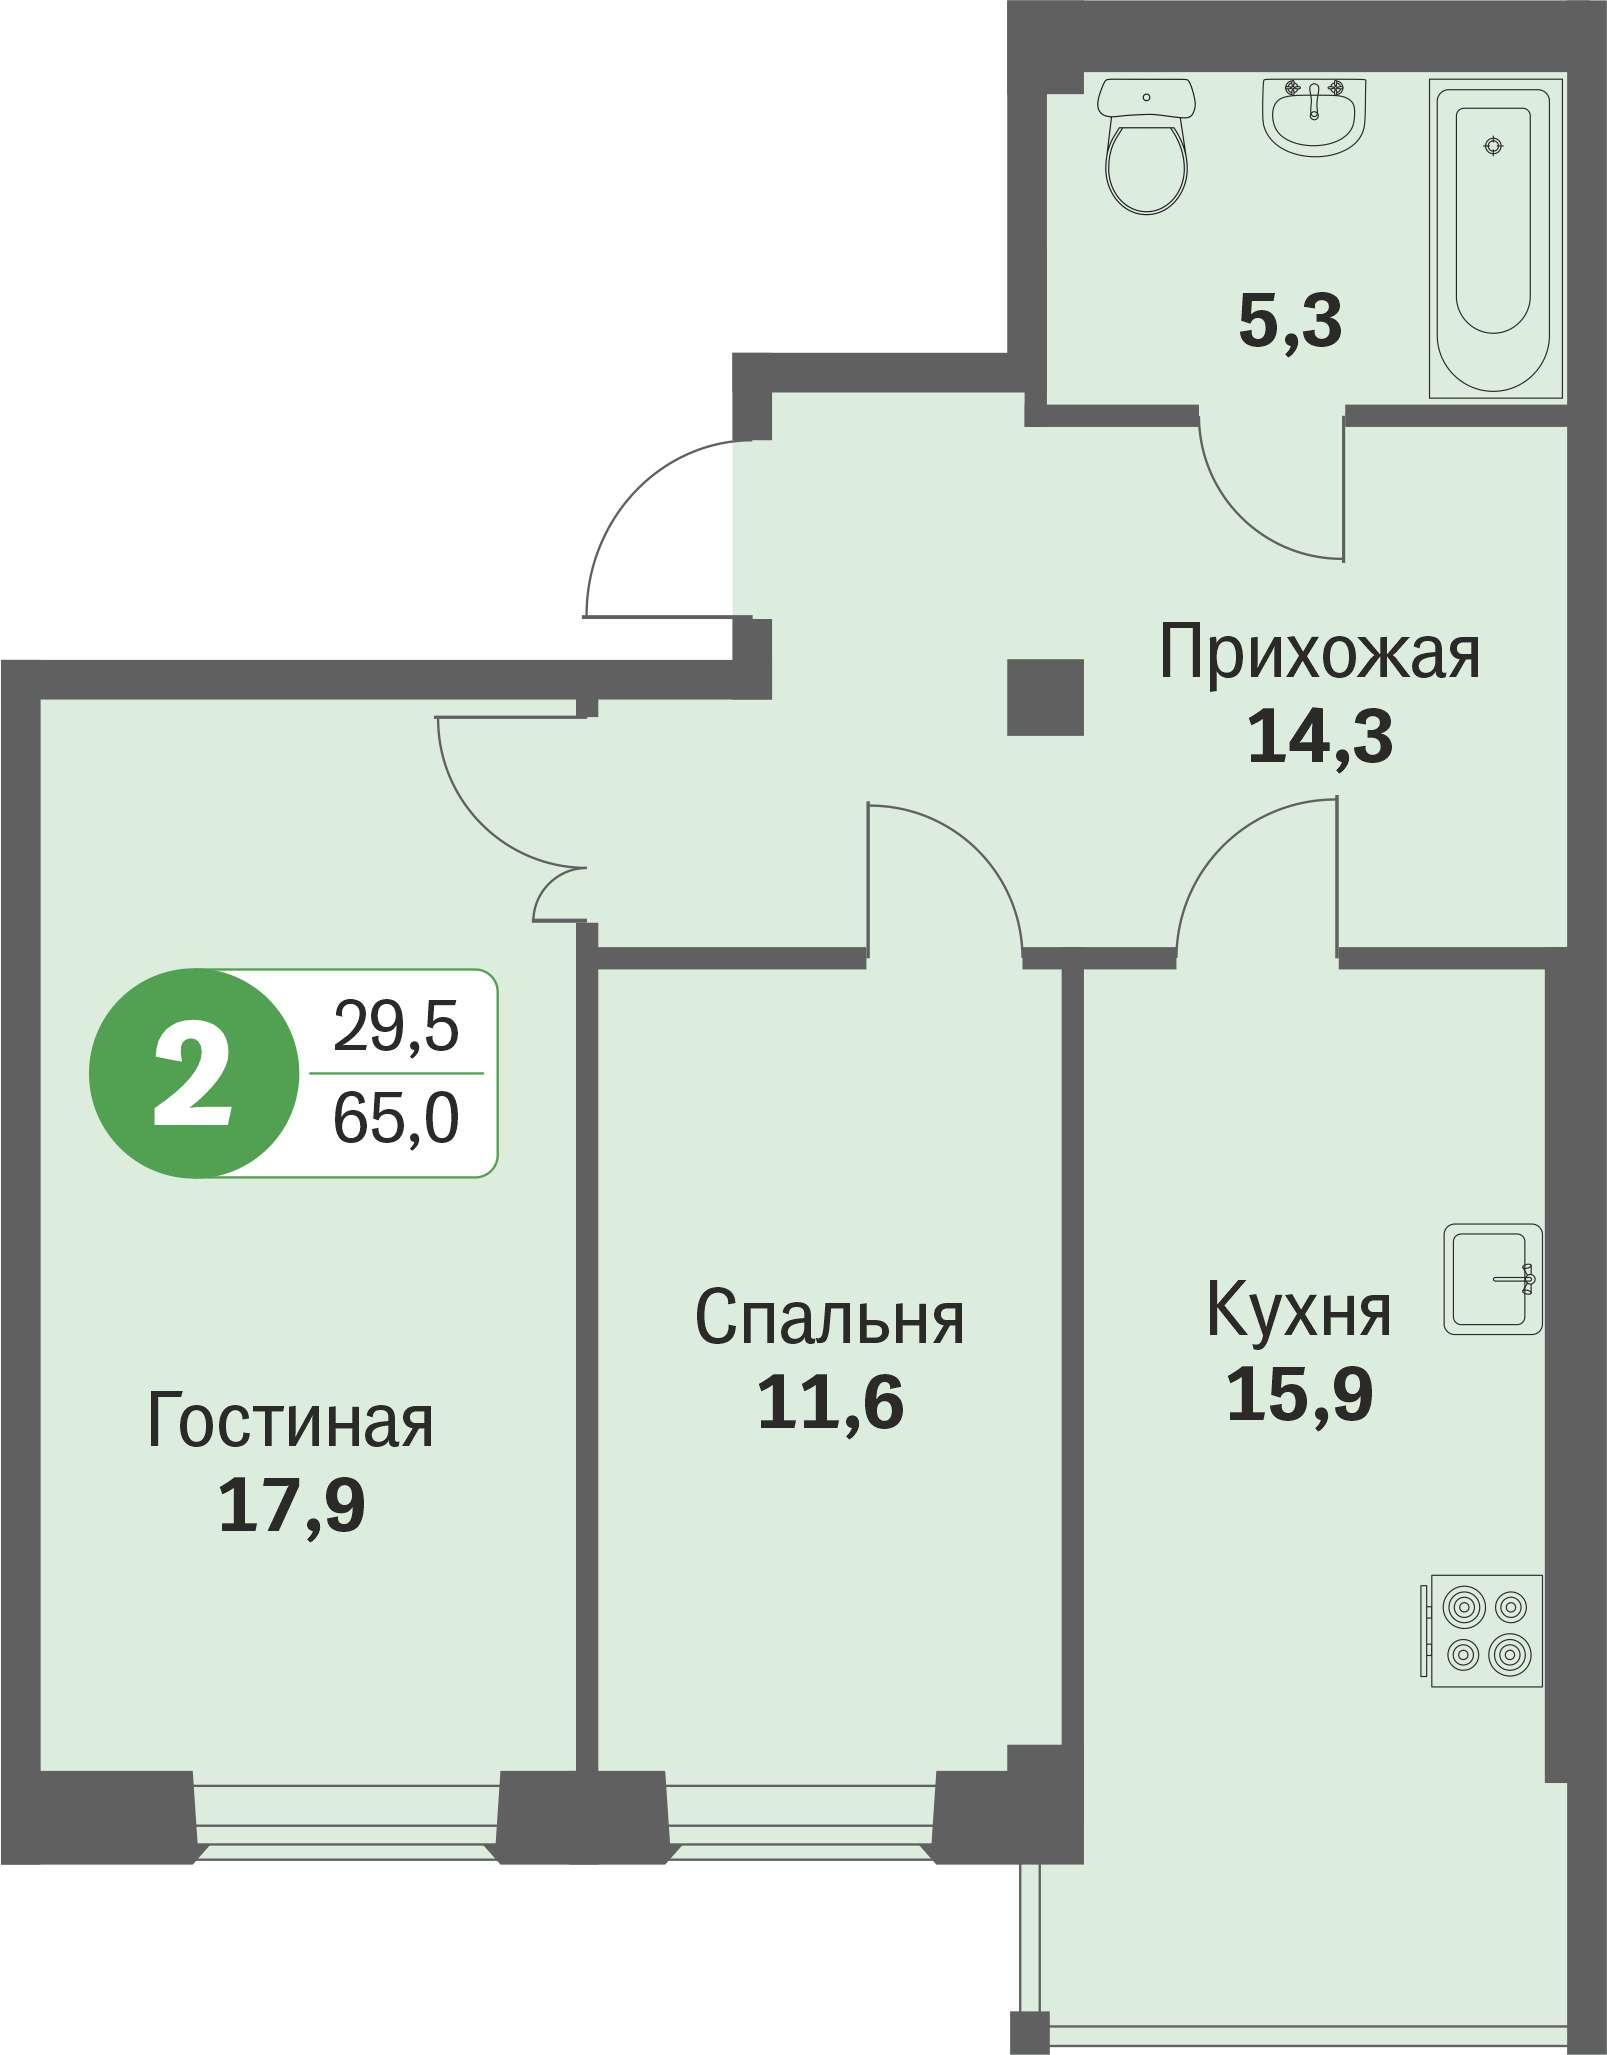 ул. Свиридова, 14, квартира 68 - Двухкомнатная